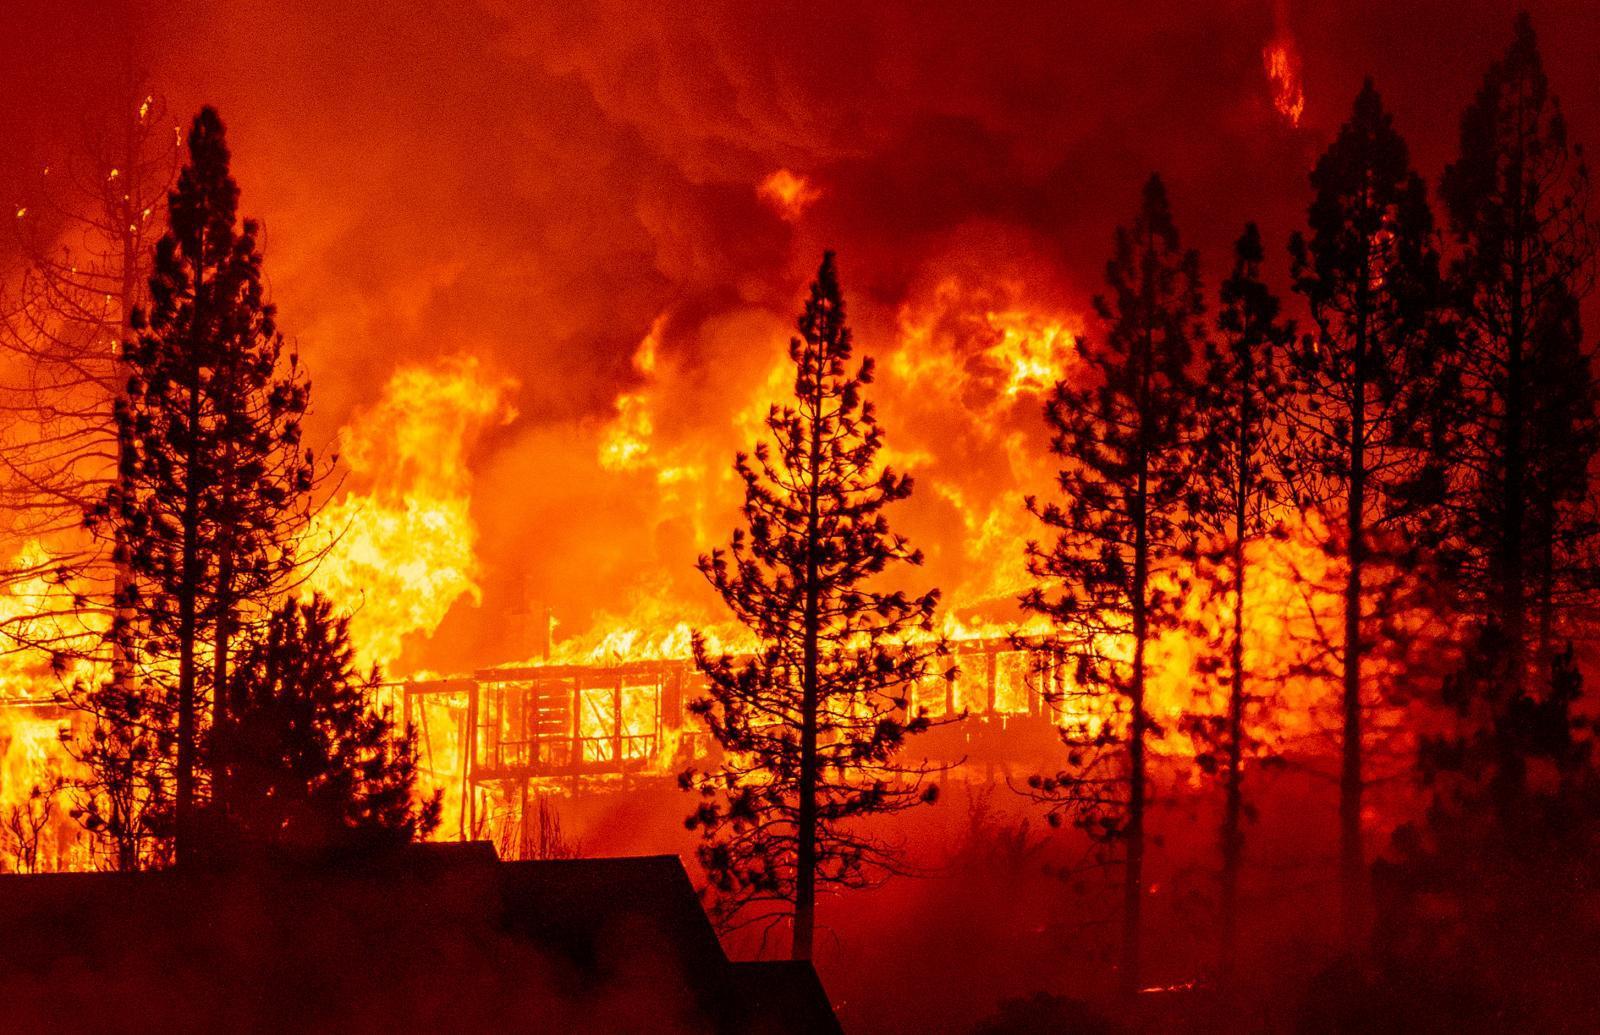 ภายในปี 2050 วิกฤตสภาพอากาศอาจทำให้คน 1.2 พันล้านคนต้องพลัดถิ่น